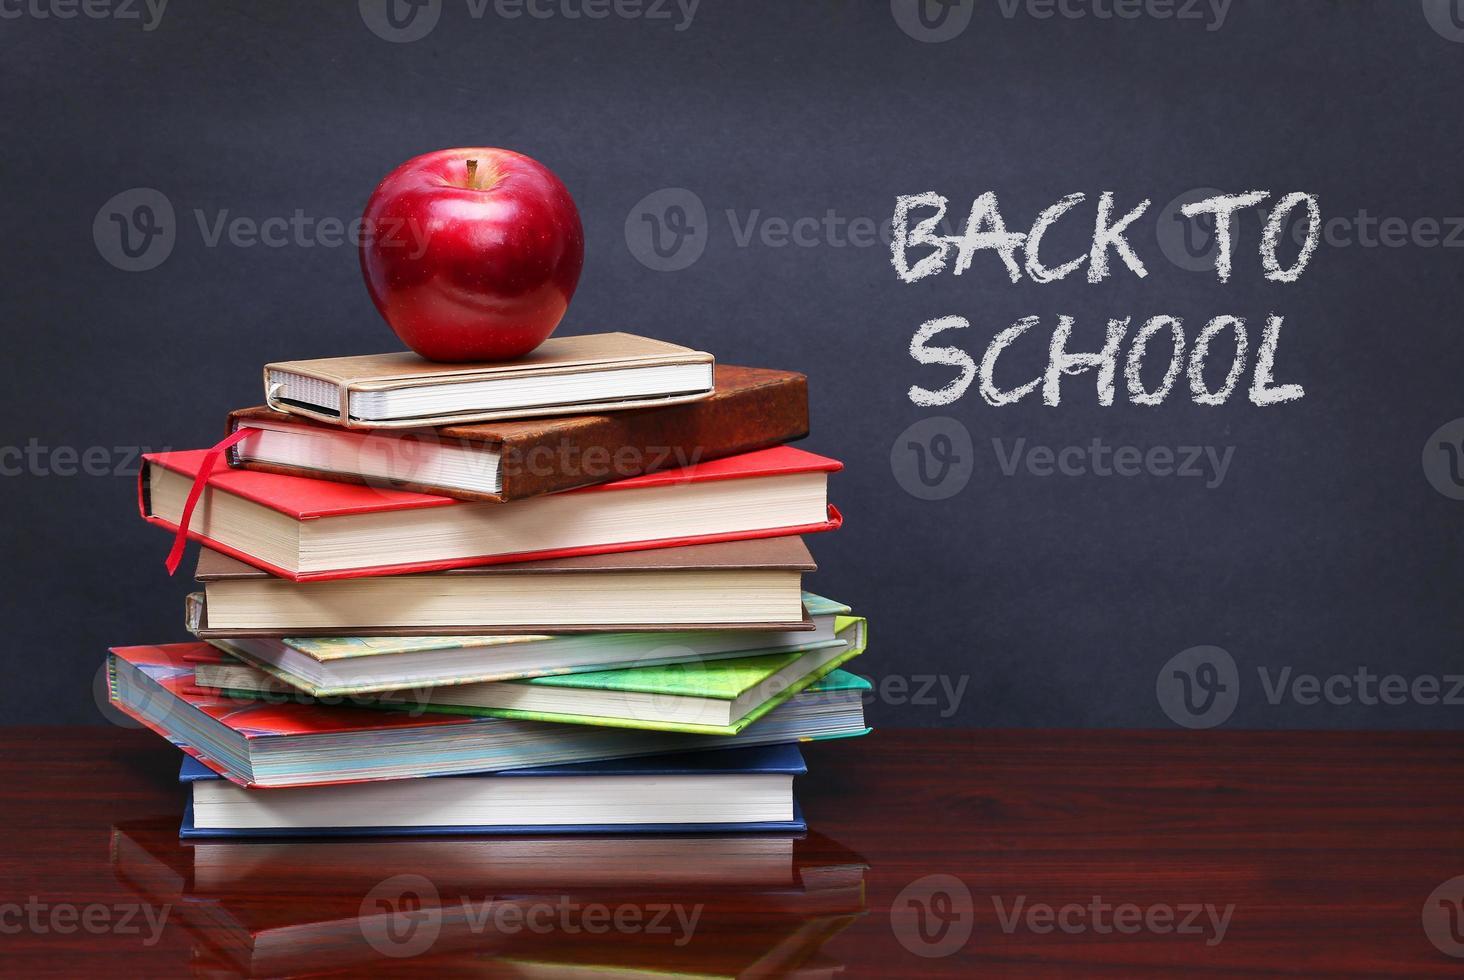 stapel boeken en rode appel op het bureau foto